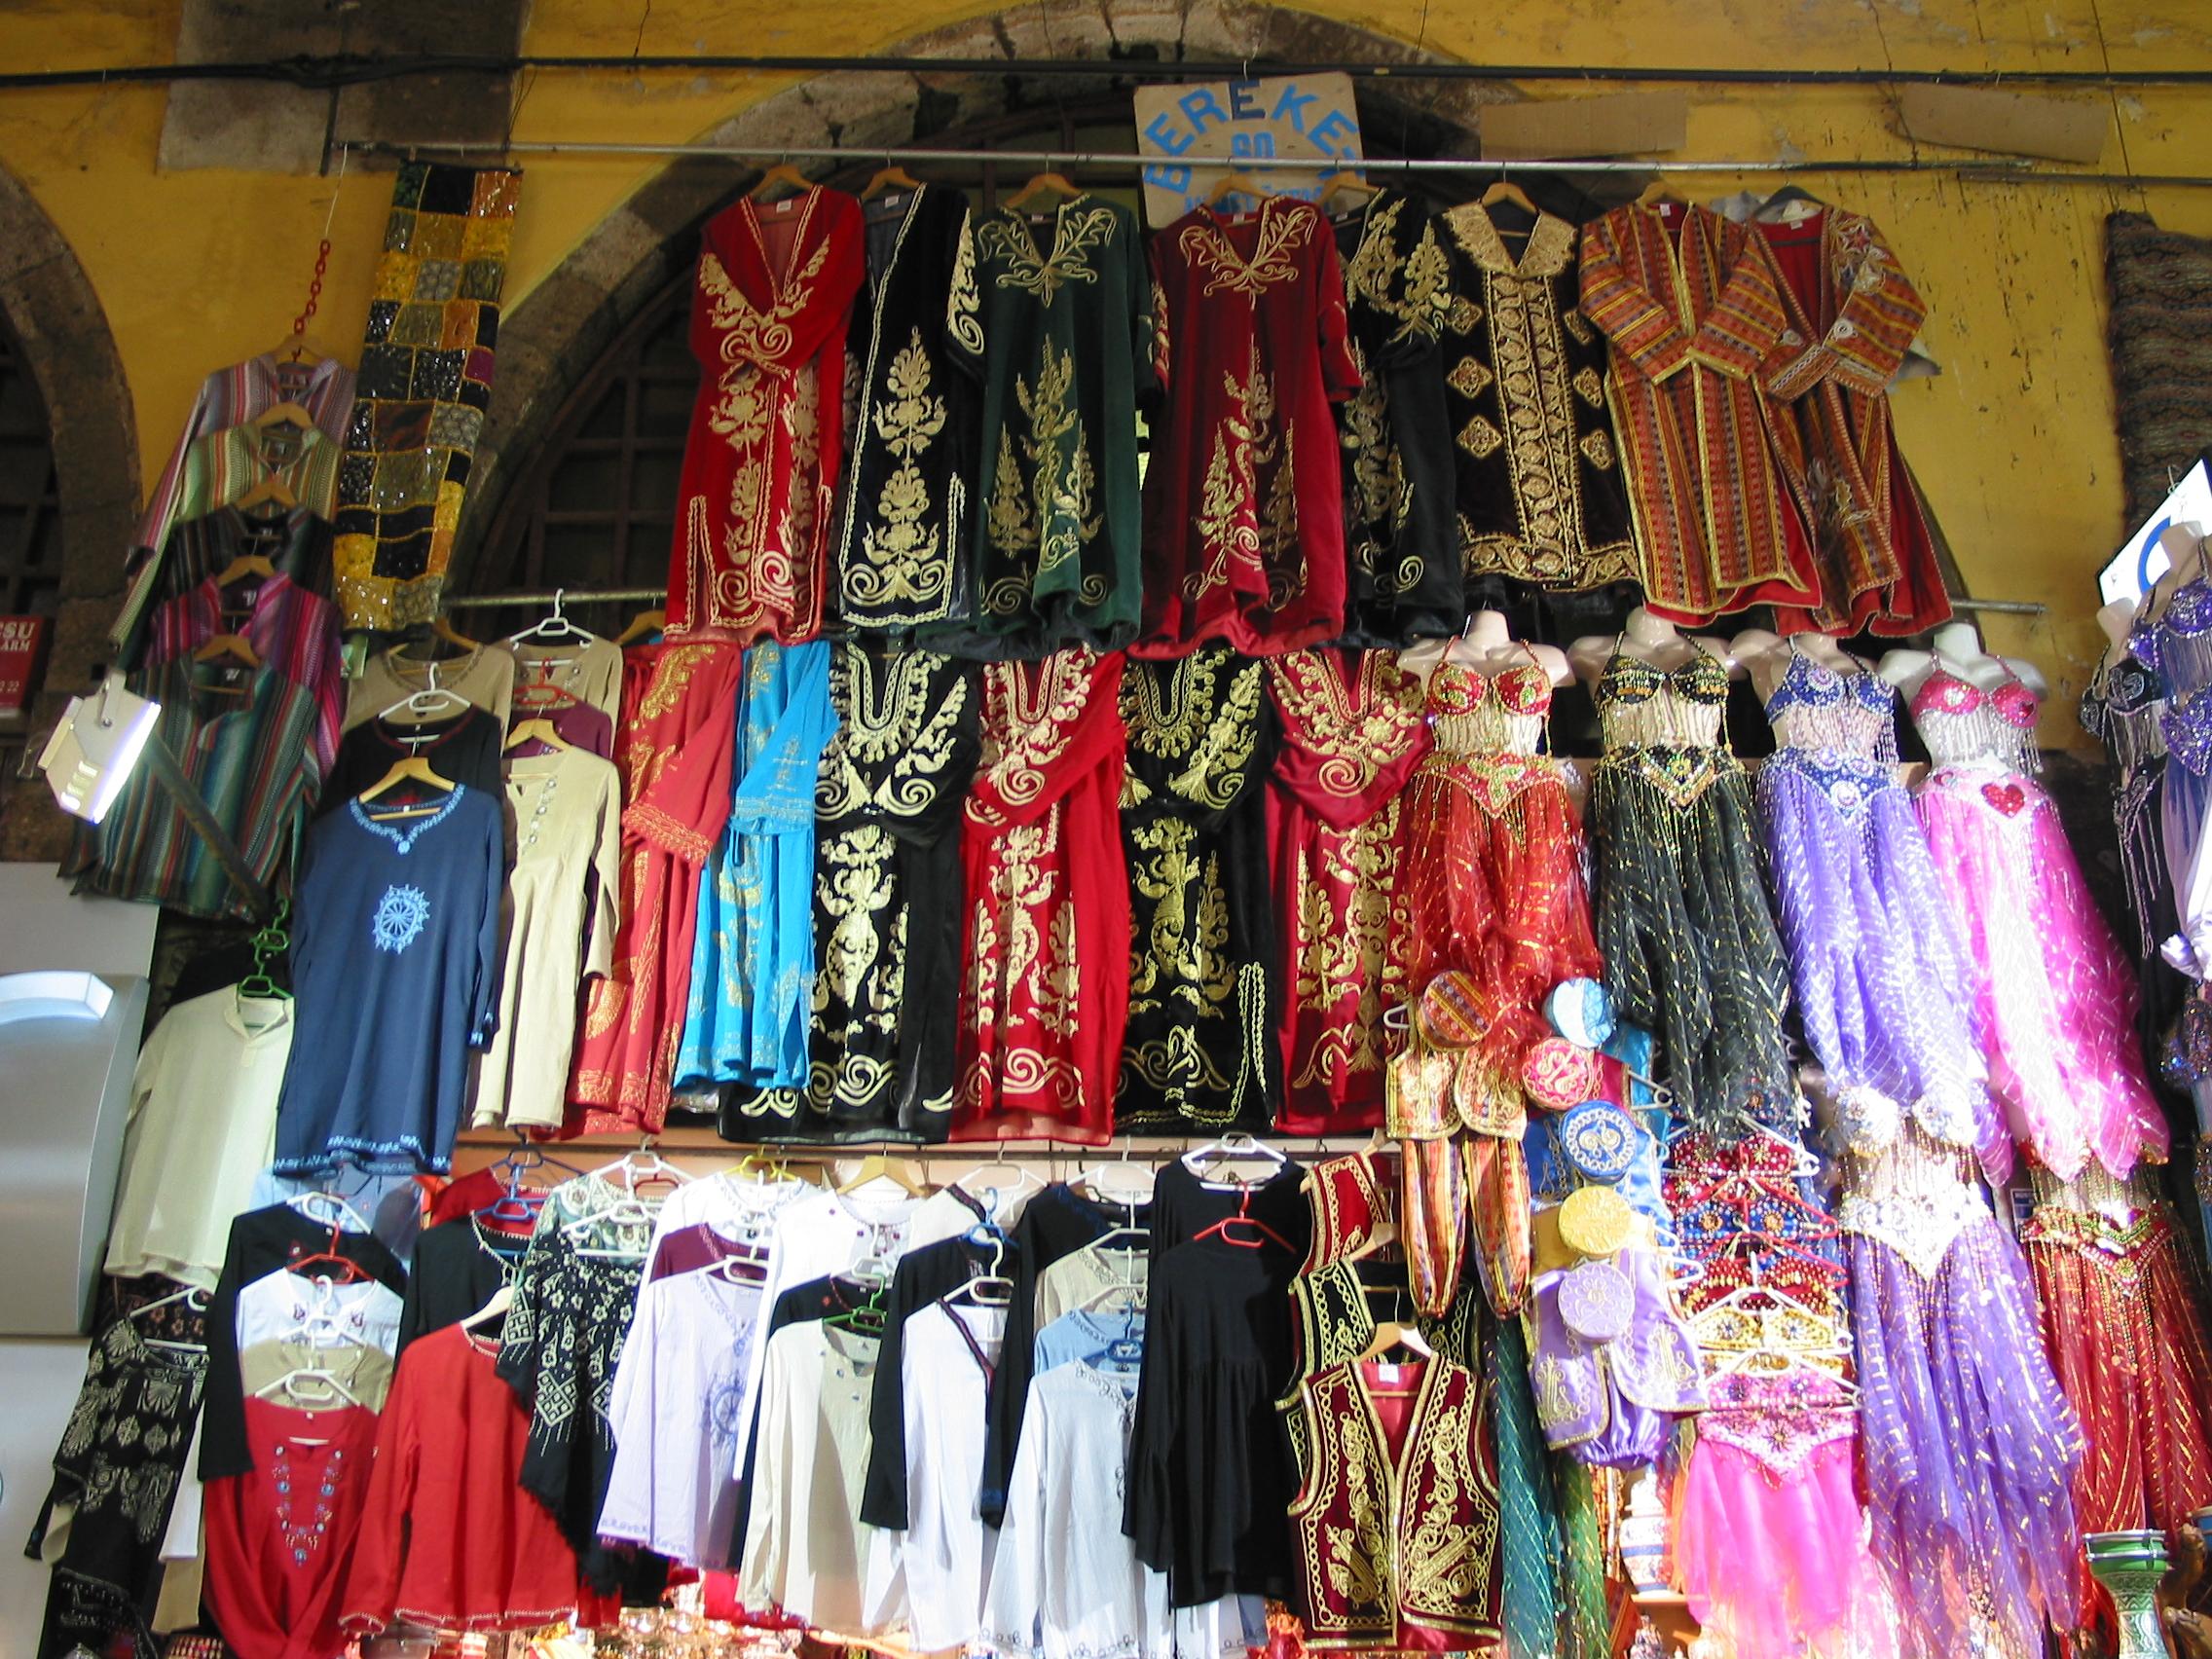 Marche aux epices bazar egyptien istanbul istanbul smenier photos club doctissimo - Marche au puce paris vetement ...